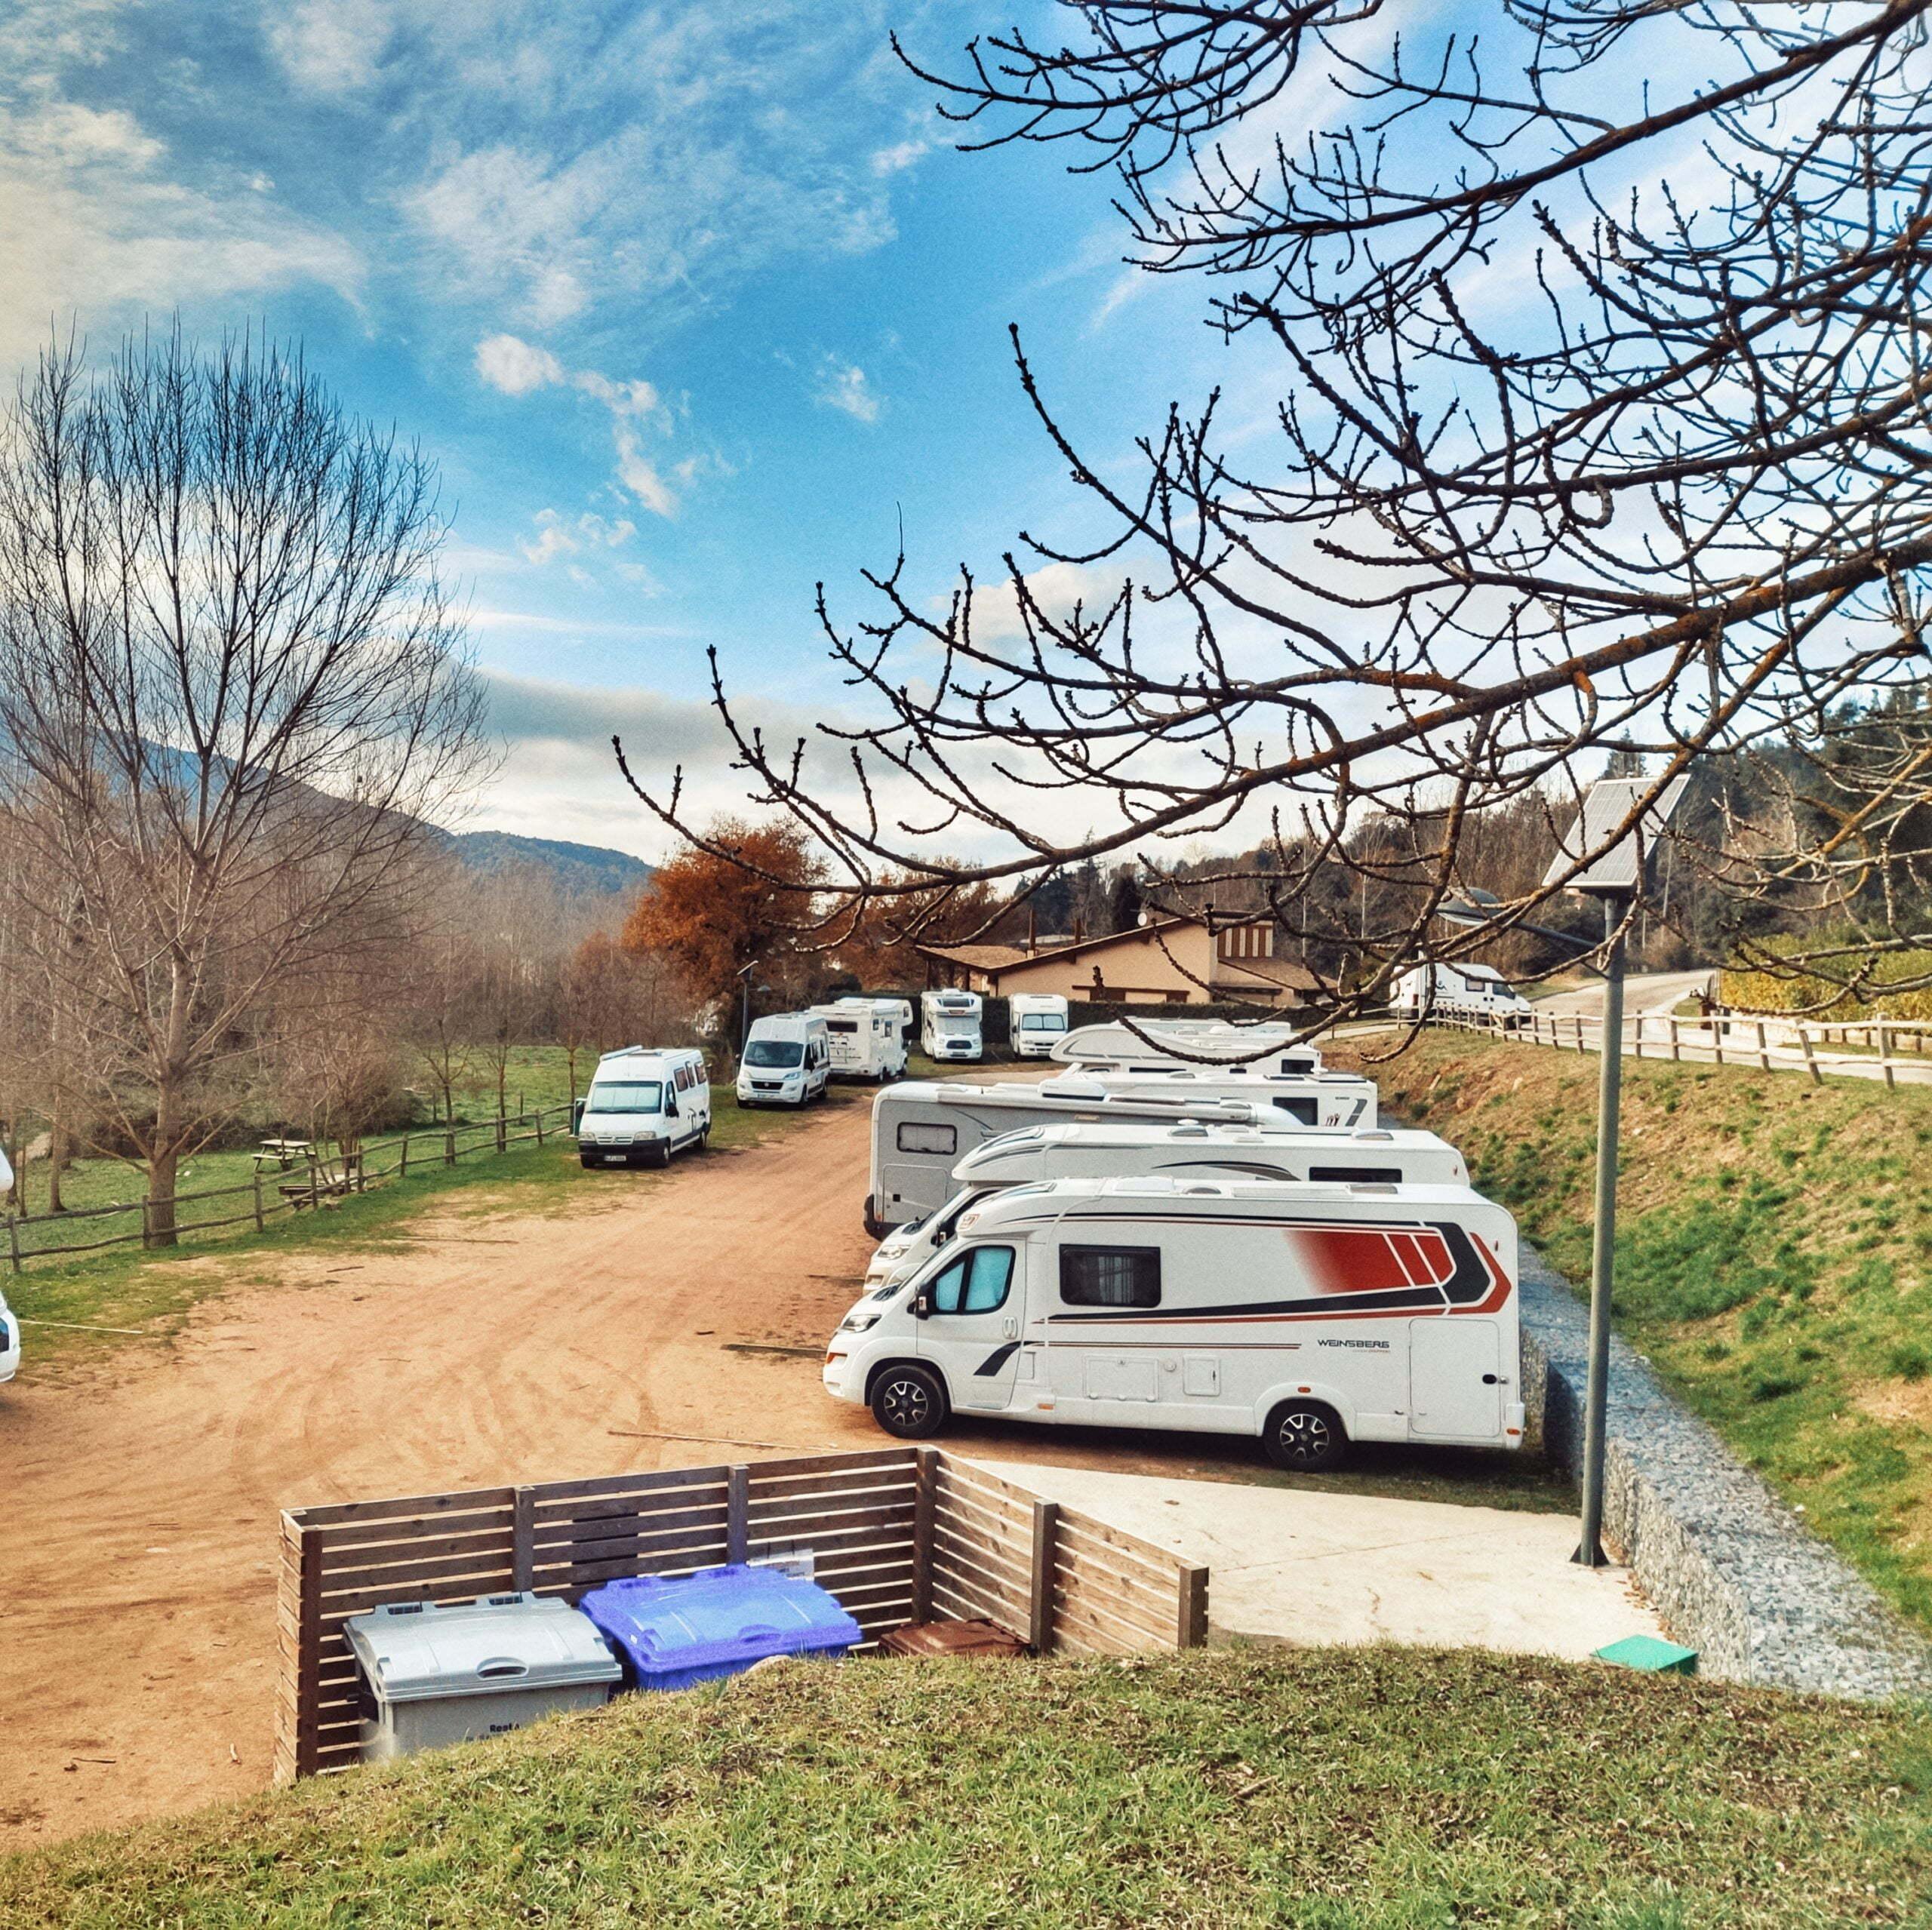 Àrea número 2 més recomanada pels autocaravanistes espanyols: àrea d'autocaravanes de Viladrau